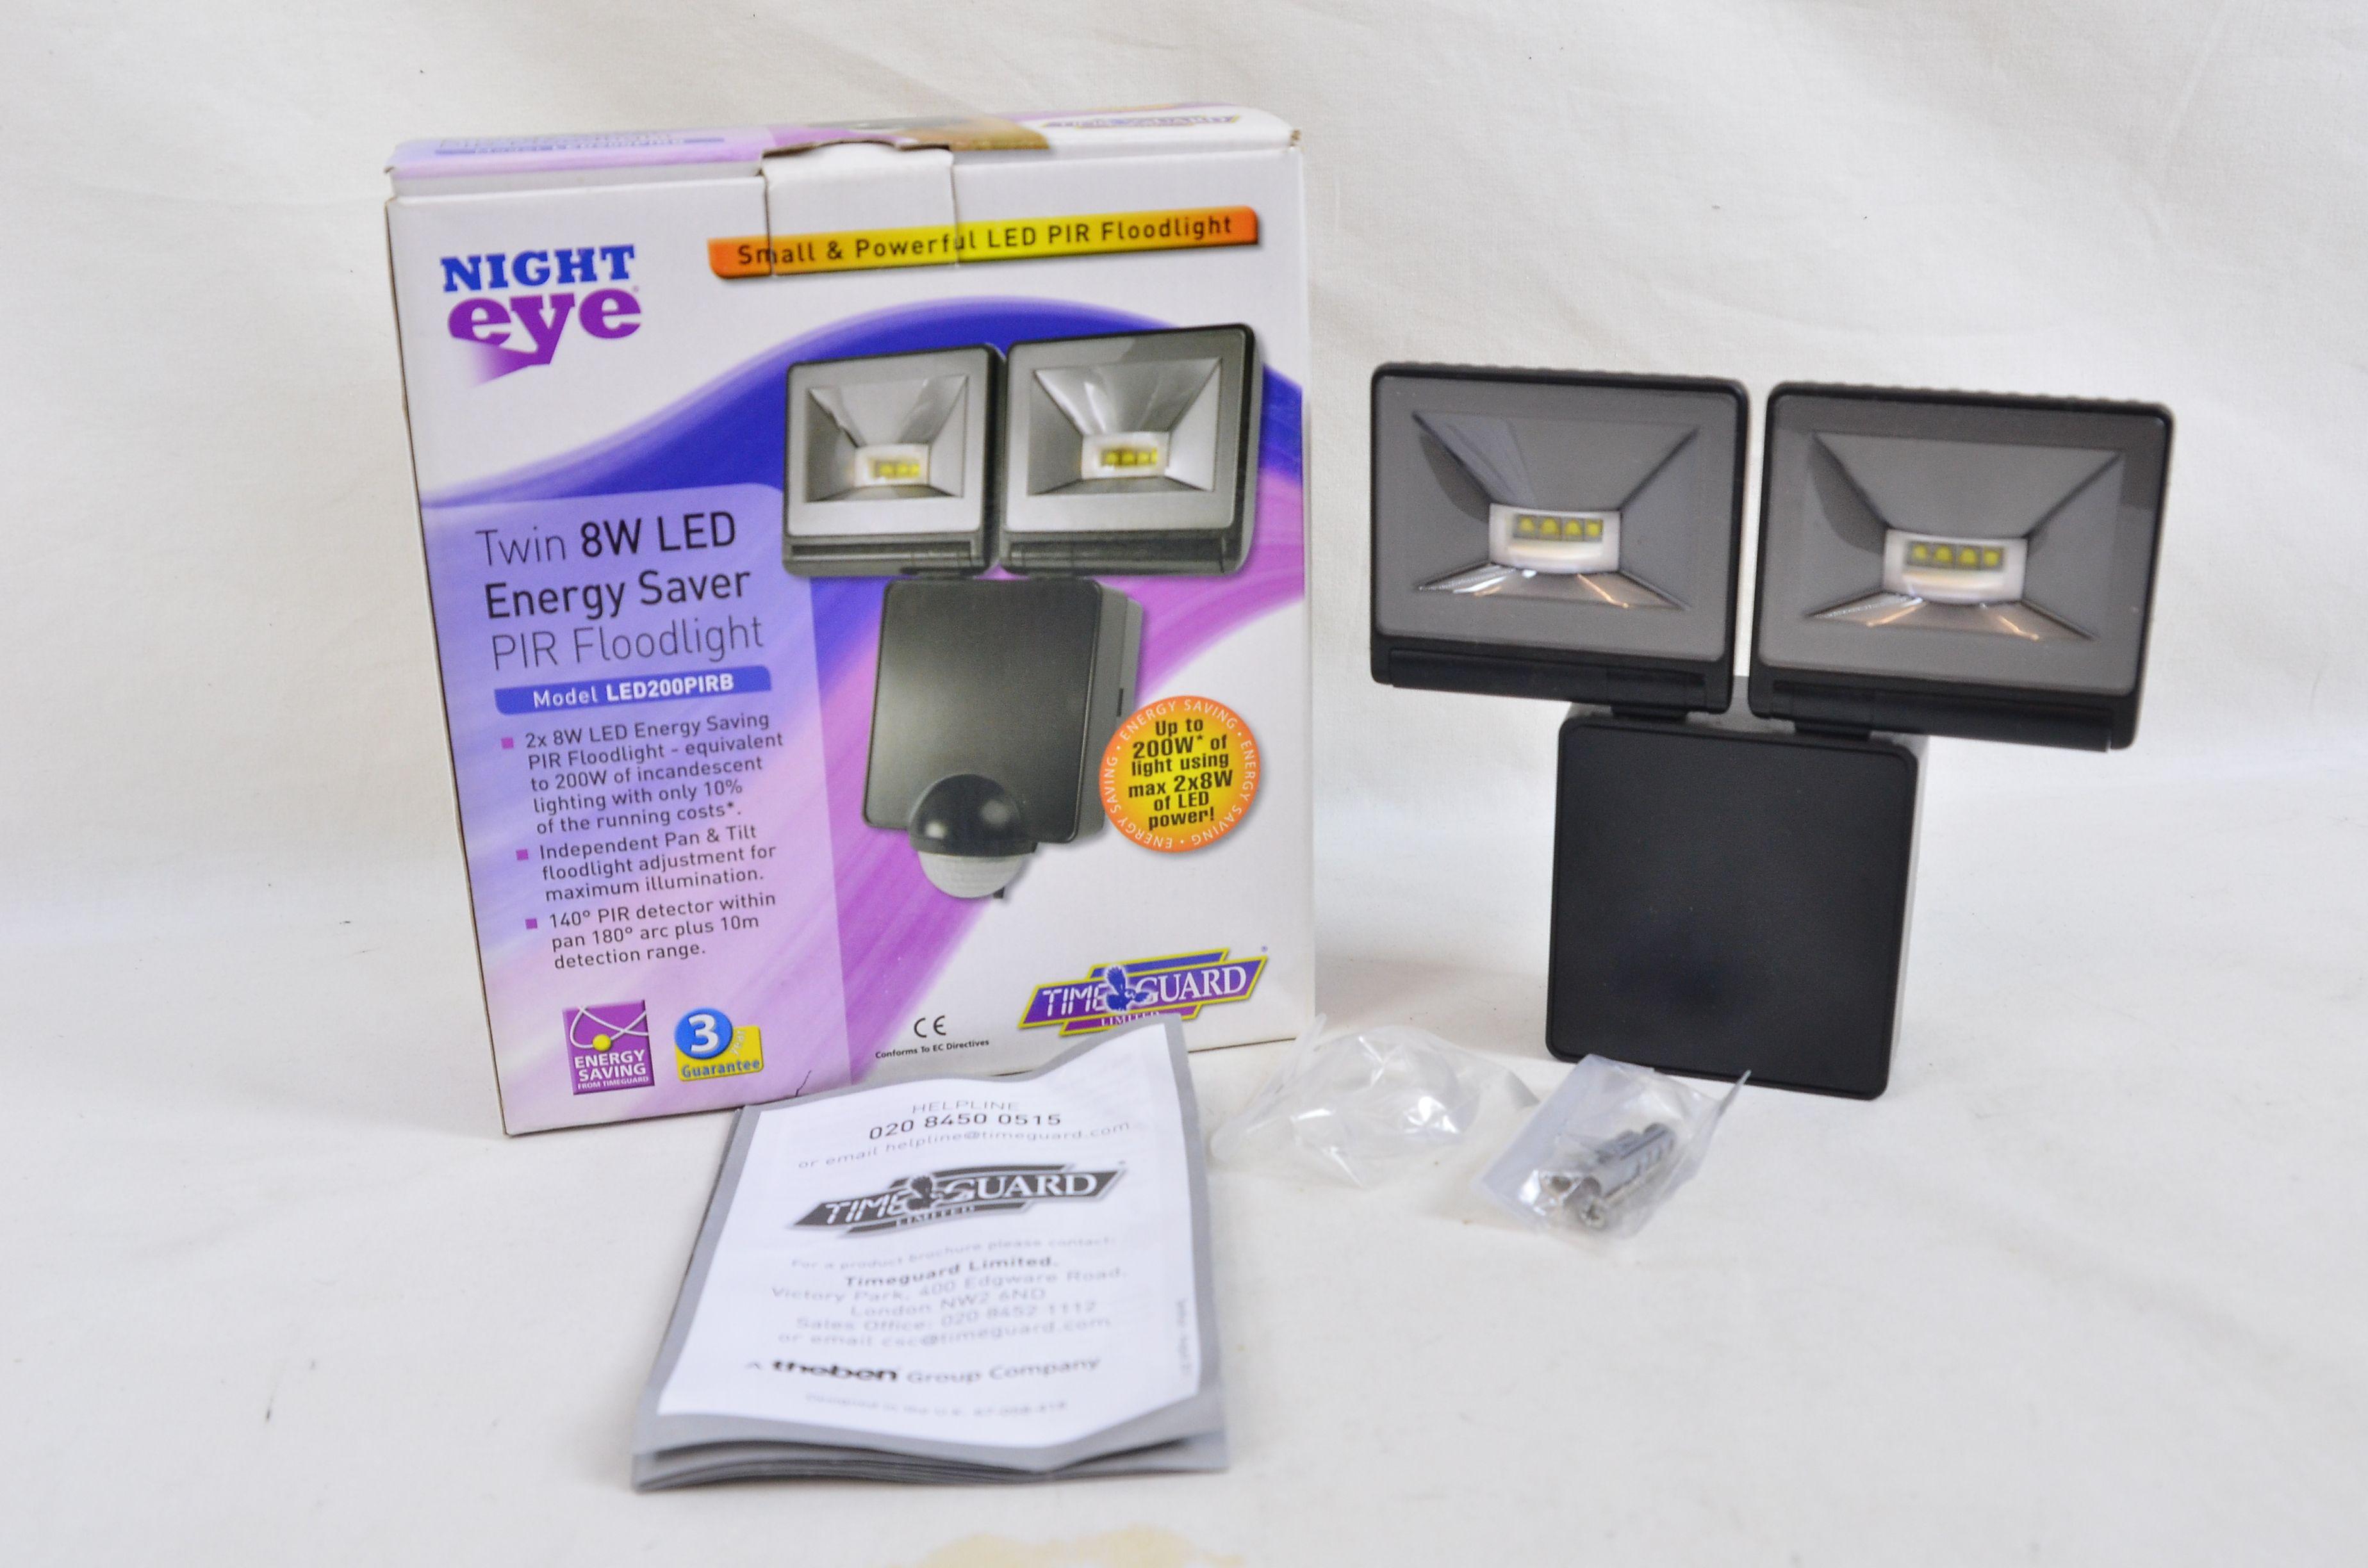 Timeguard Night Eye Twin 8W LED Energy Saver Floodlight LED200FLB Black 1